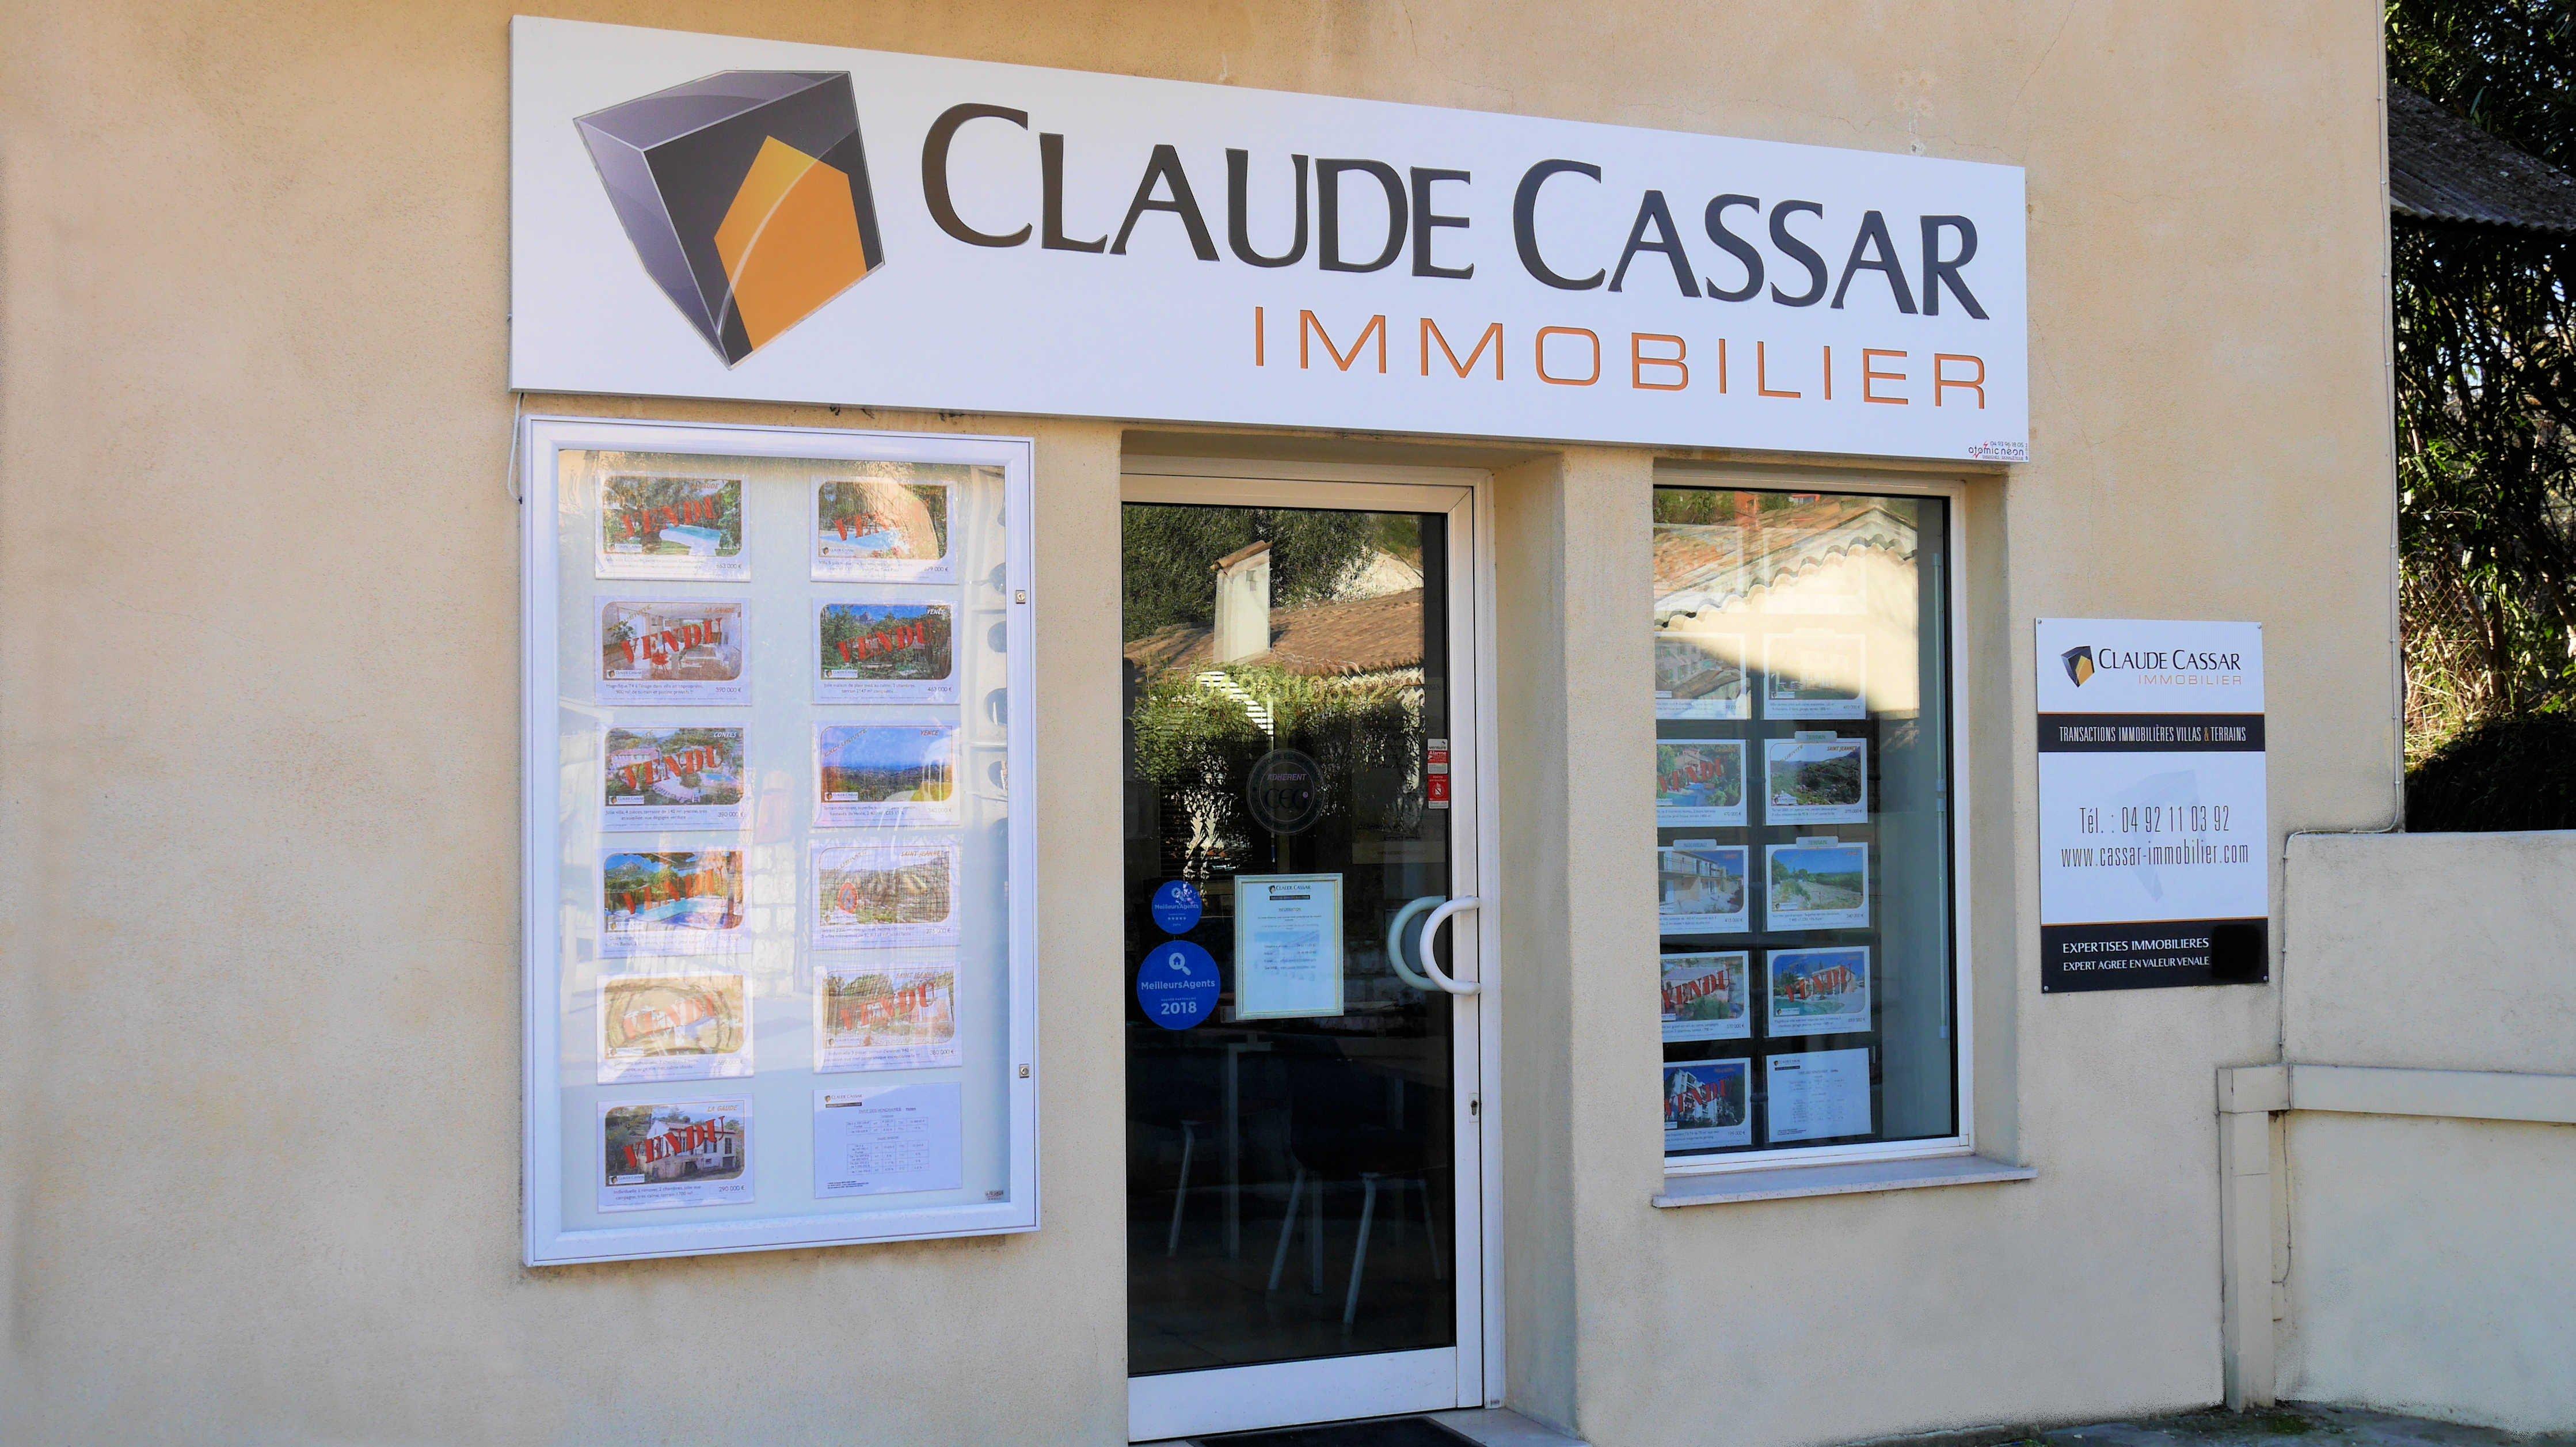 Claude Cassar Immobilier